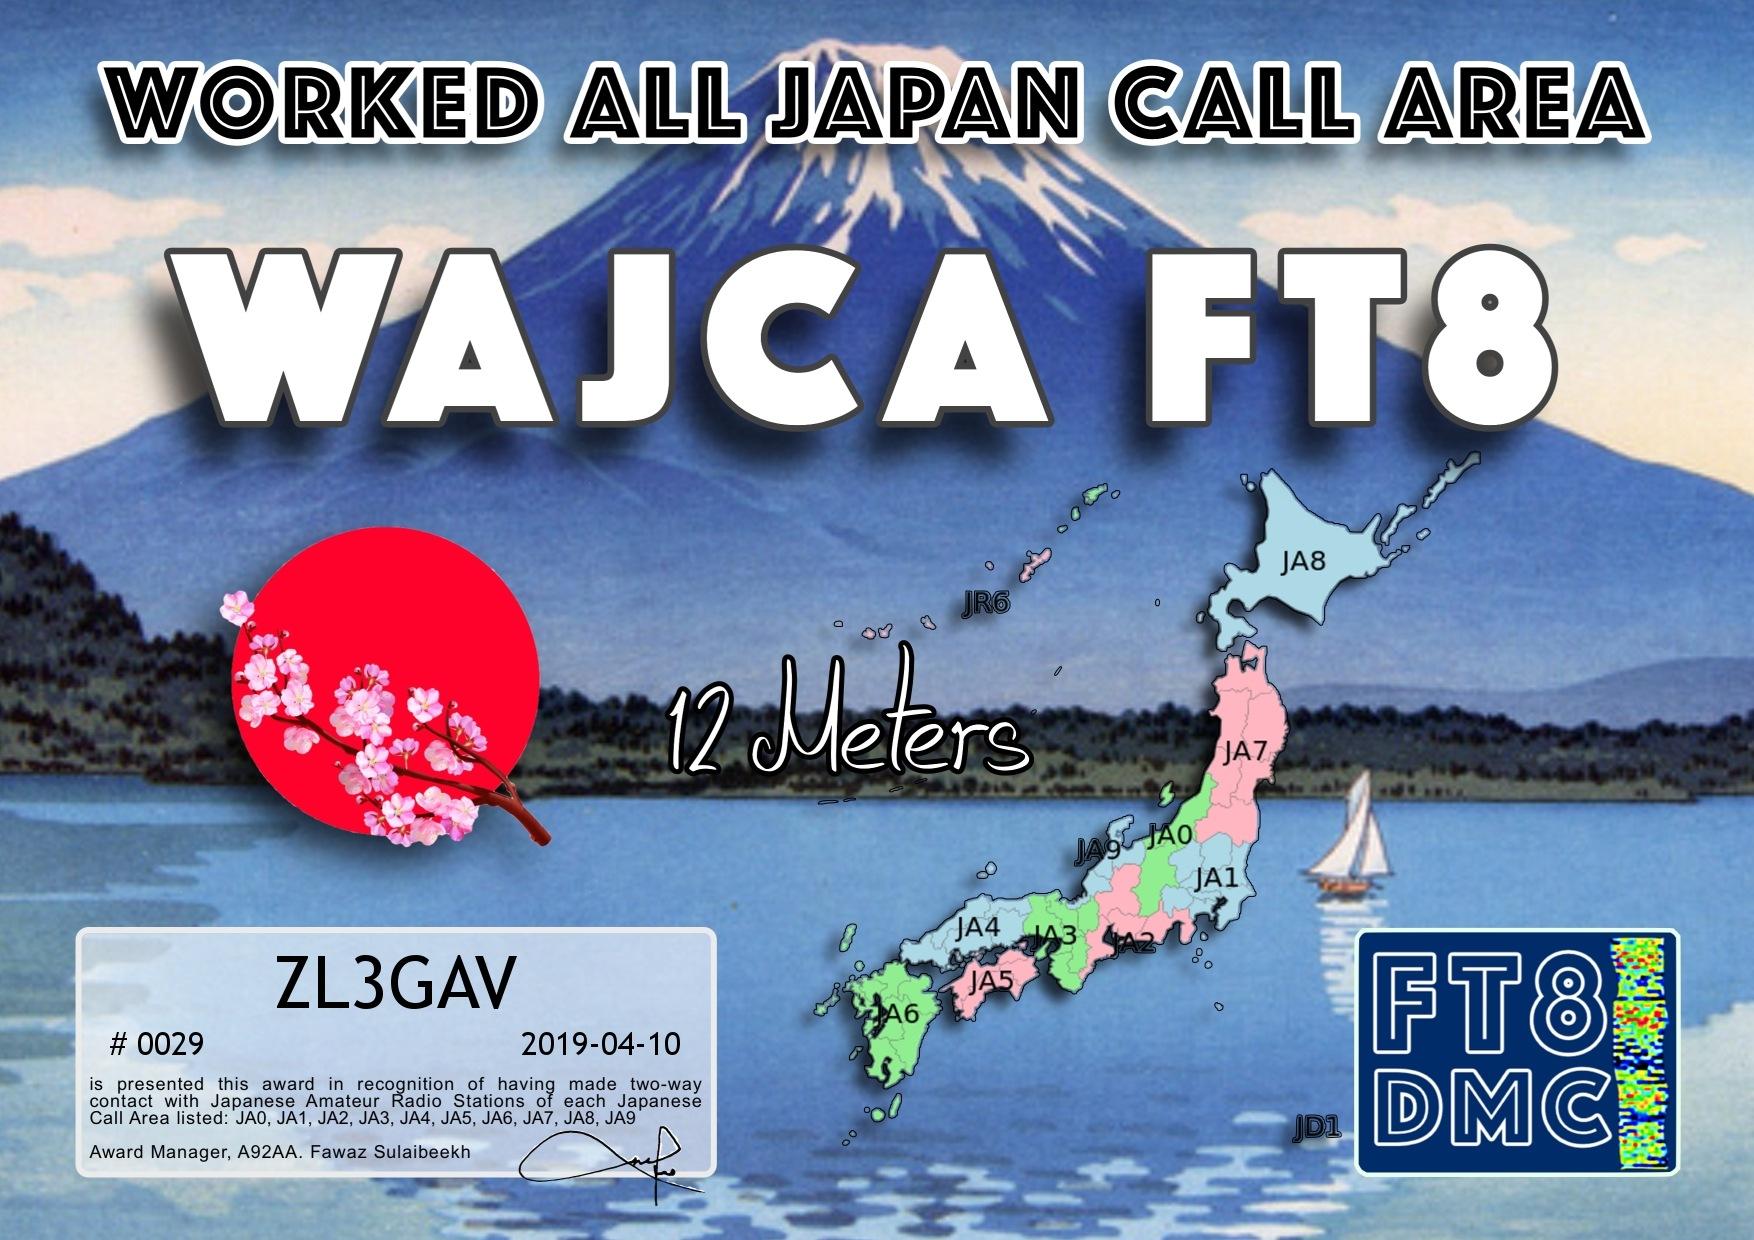 ZL3GAV-WAJCA-12M.jpg